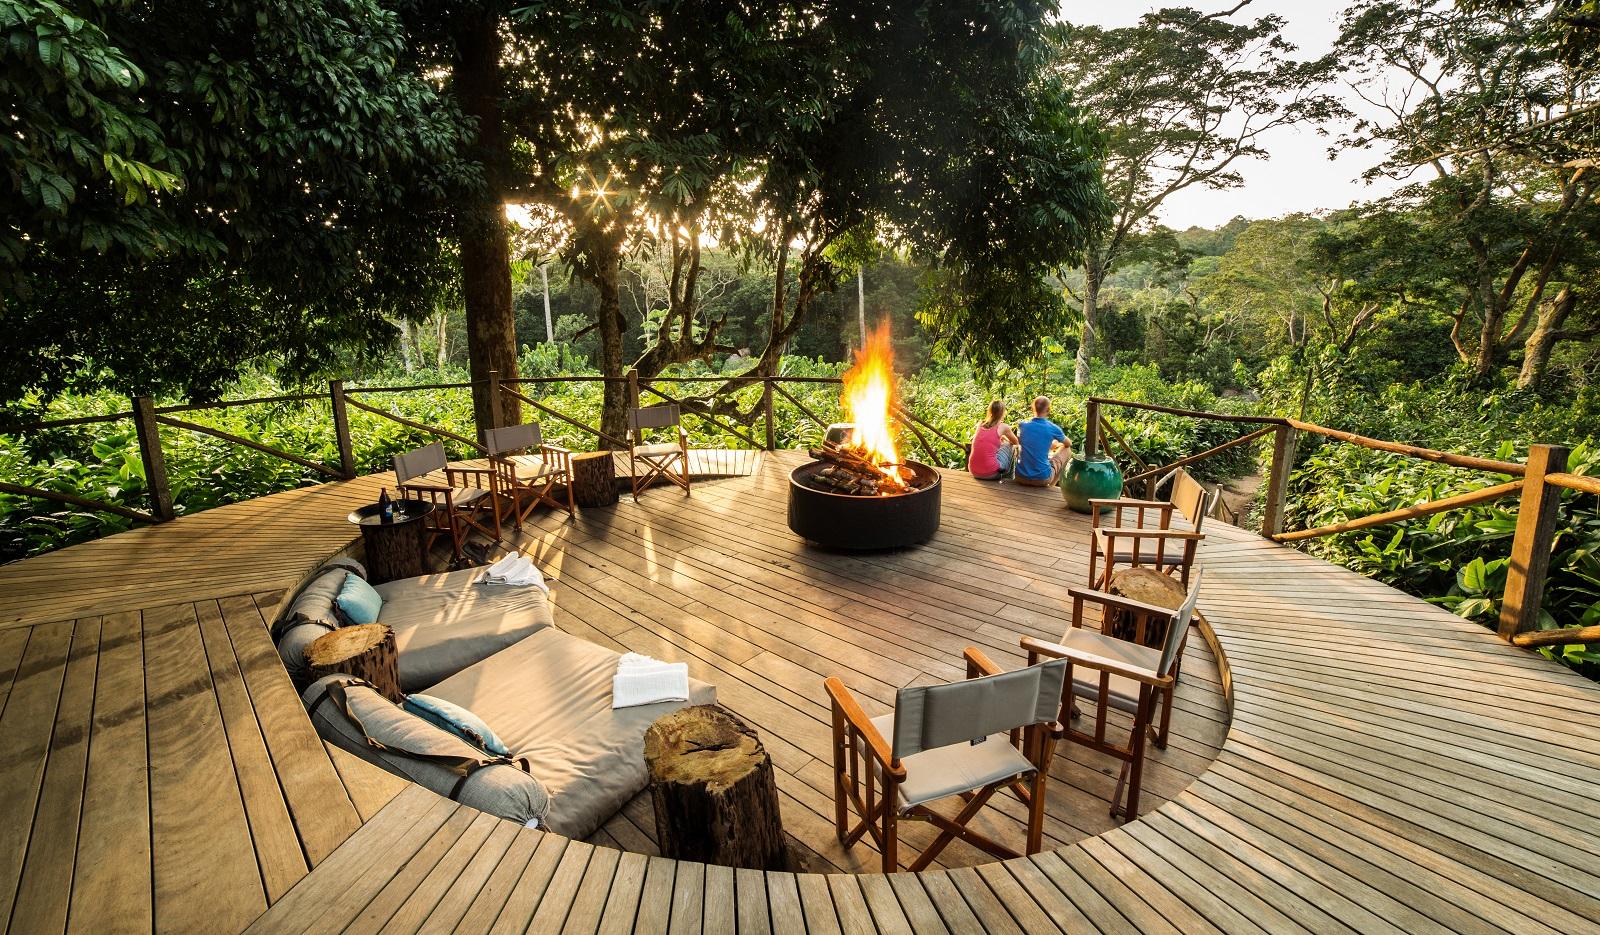 Odzala Discovery Camps – Richtlinie für das Gorilla- Trekking im Ngaga Camp